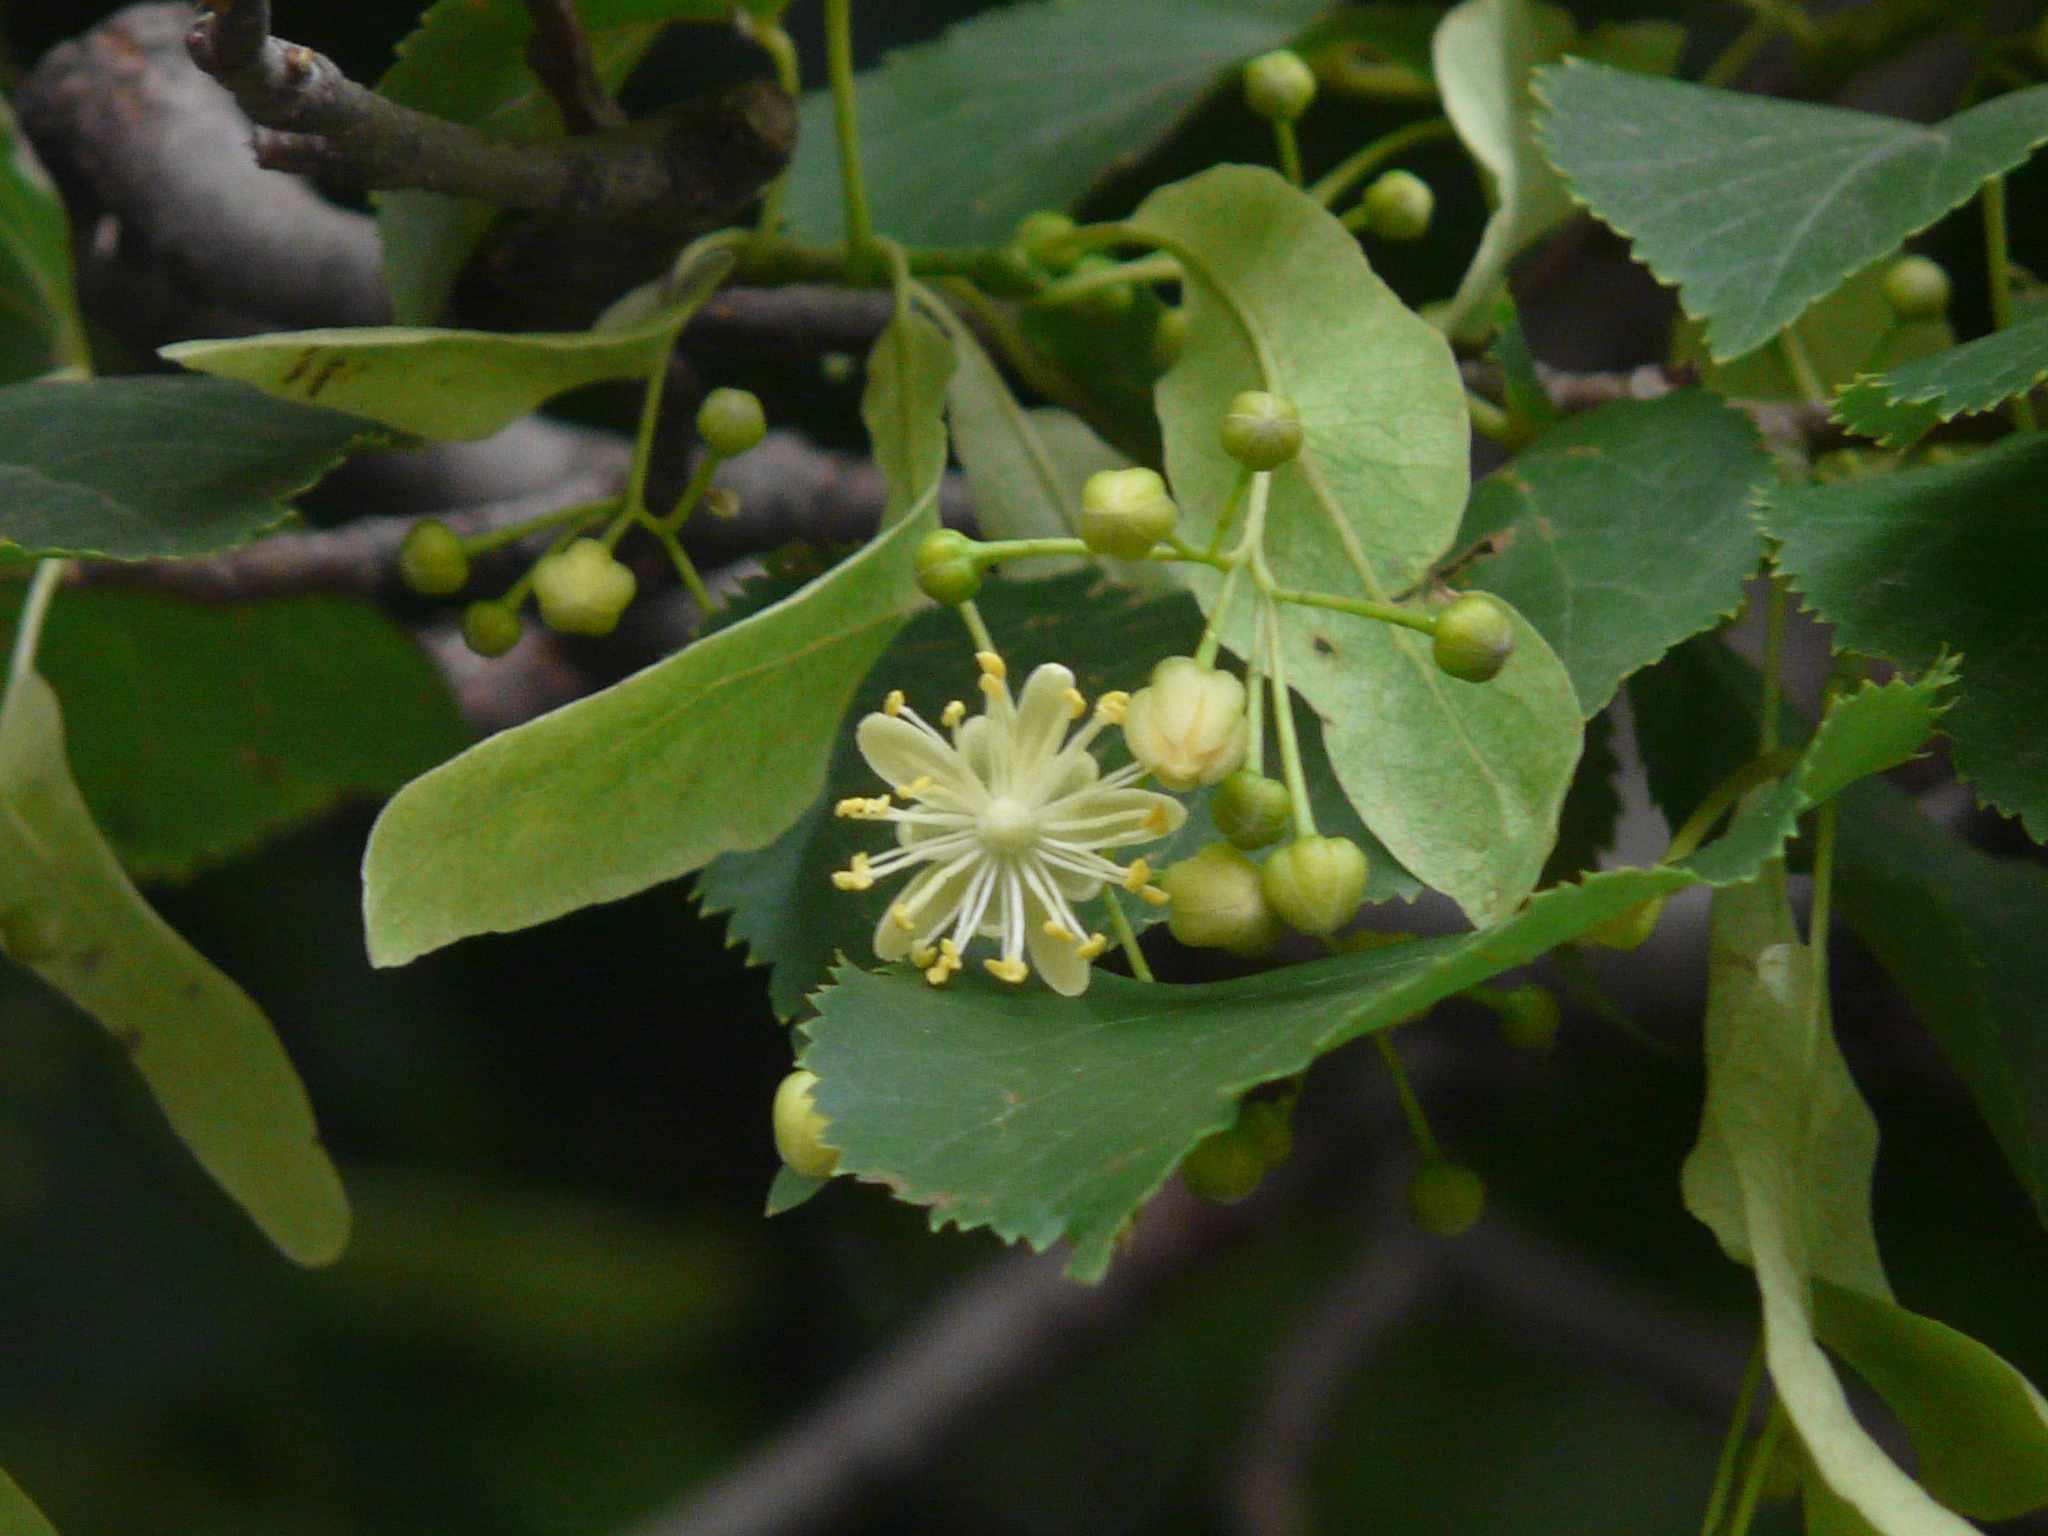 Close up of Tilia cordata or Littleleaf linden